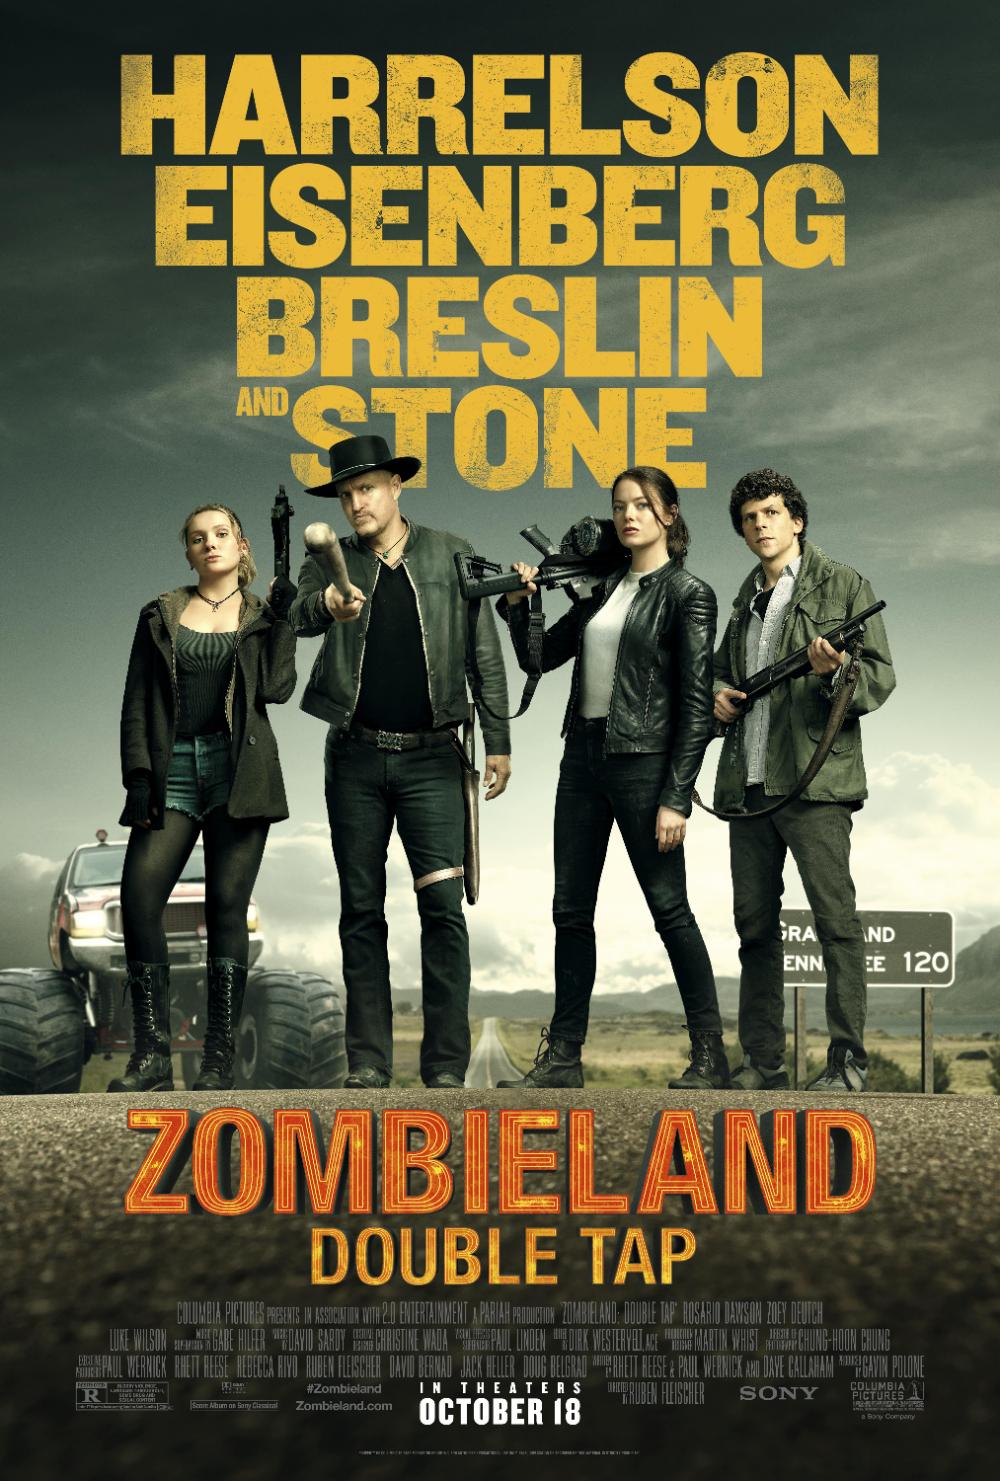 ¾ンビランド Àブルタップ Zombieland Zombie Movies Free Movies Online